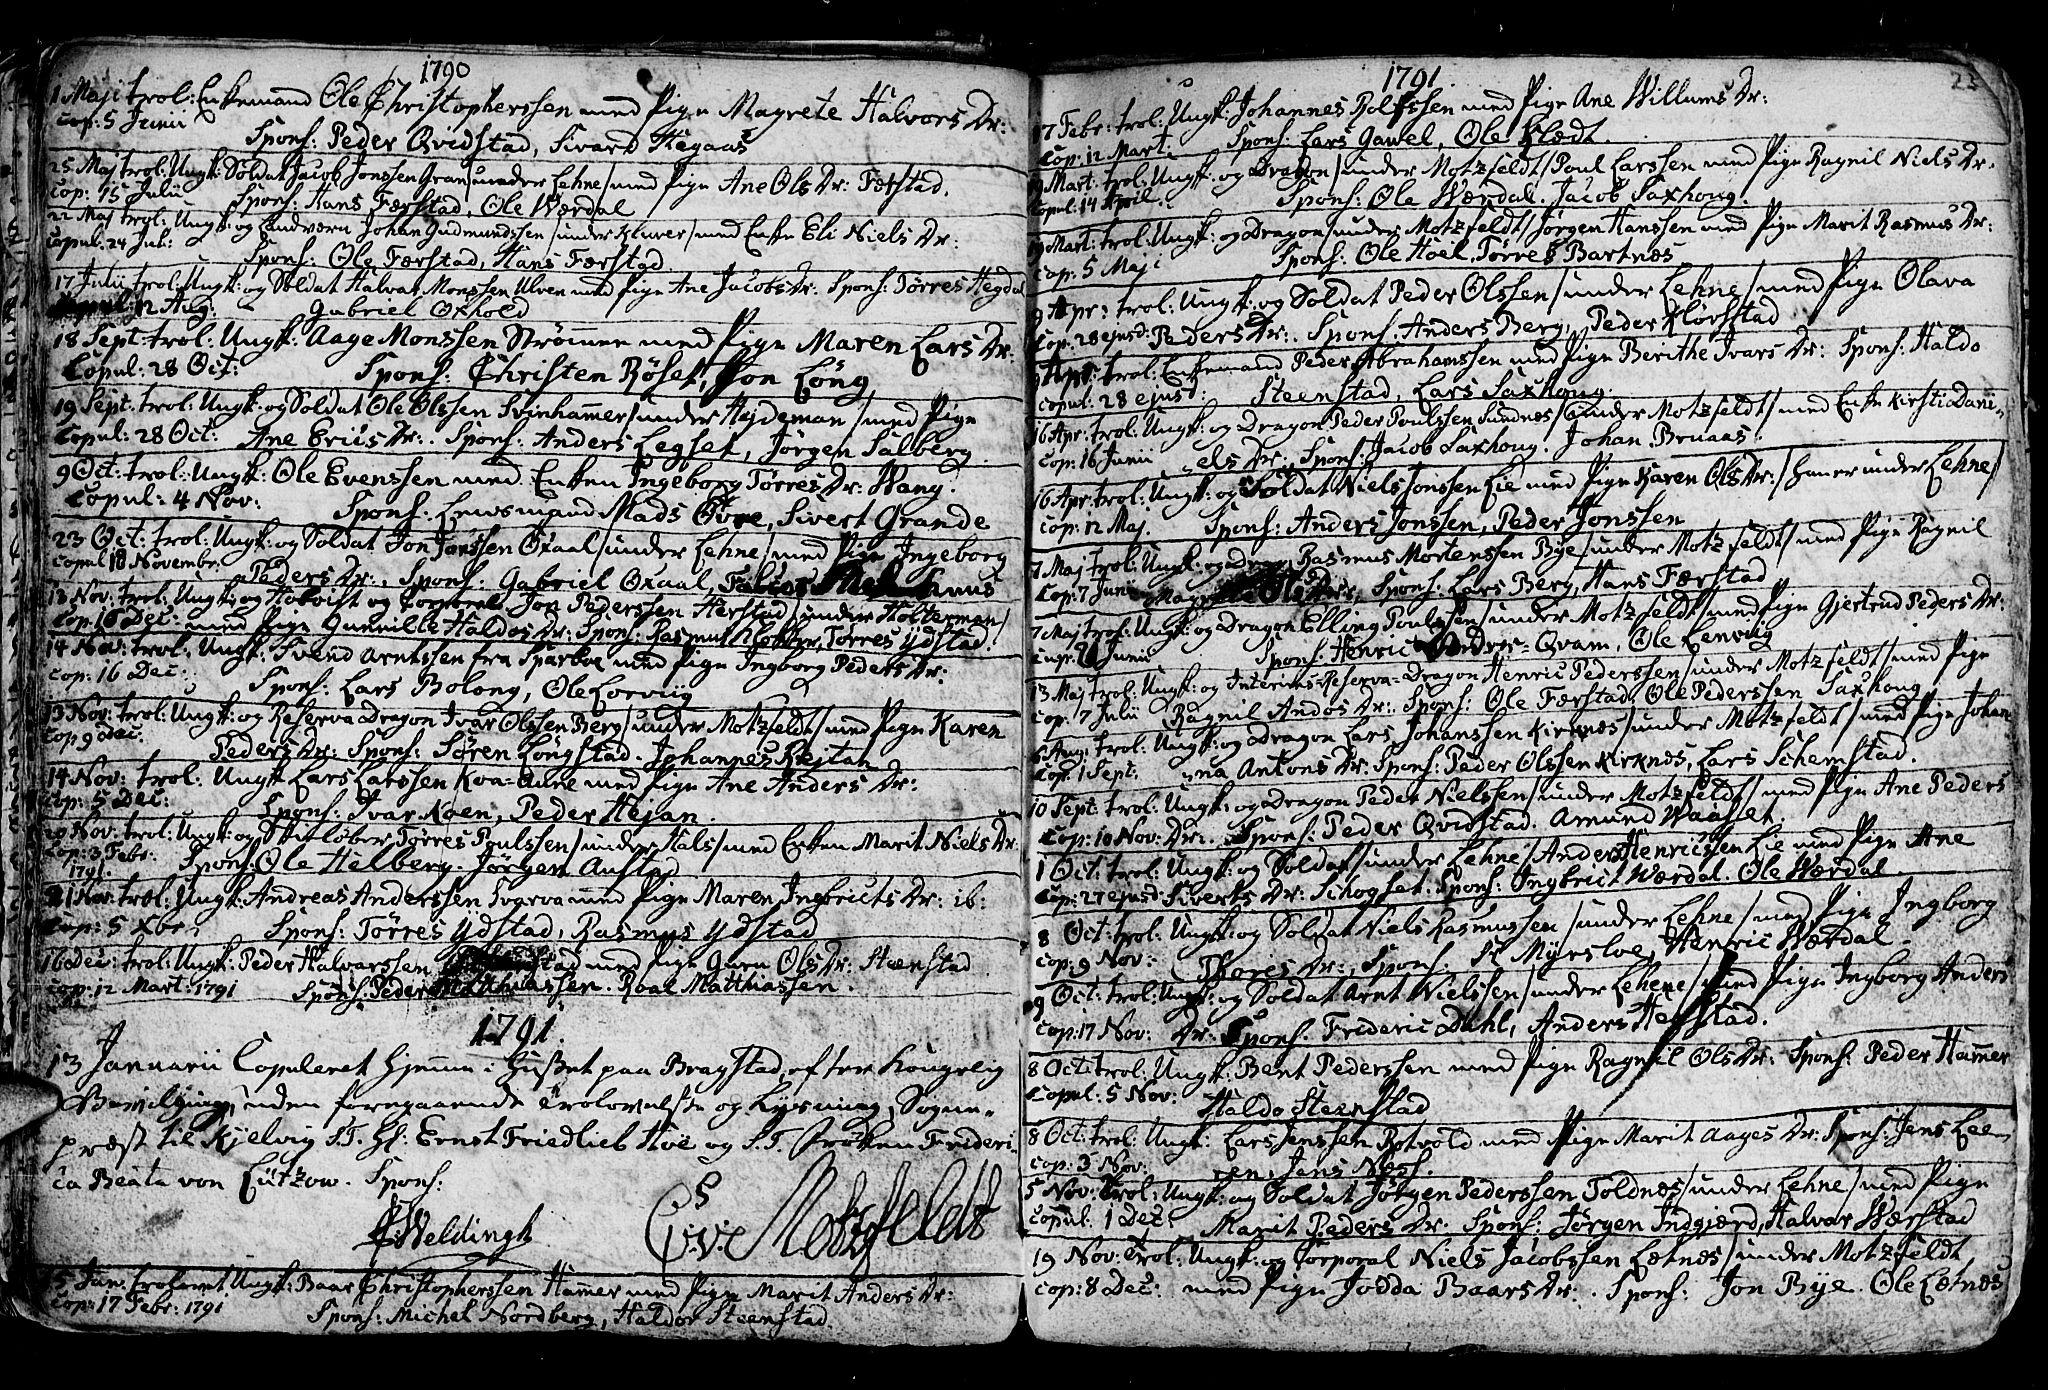 SAT, Ministerialprotokoller, klokkerbøker og fødselsregistre - Nord-Trøndelag, 730/L0273: Ministerialbok nr. 730A02, 1762-1802, s. 23